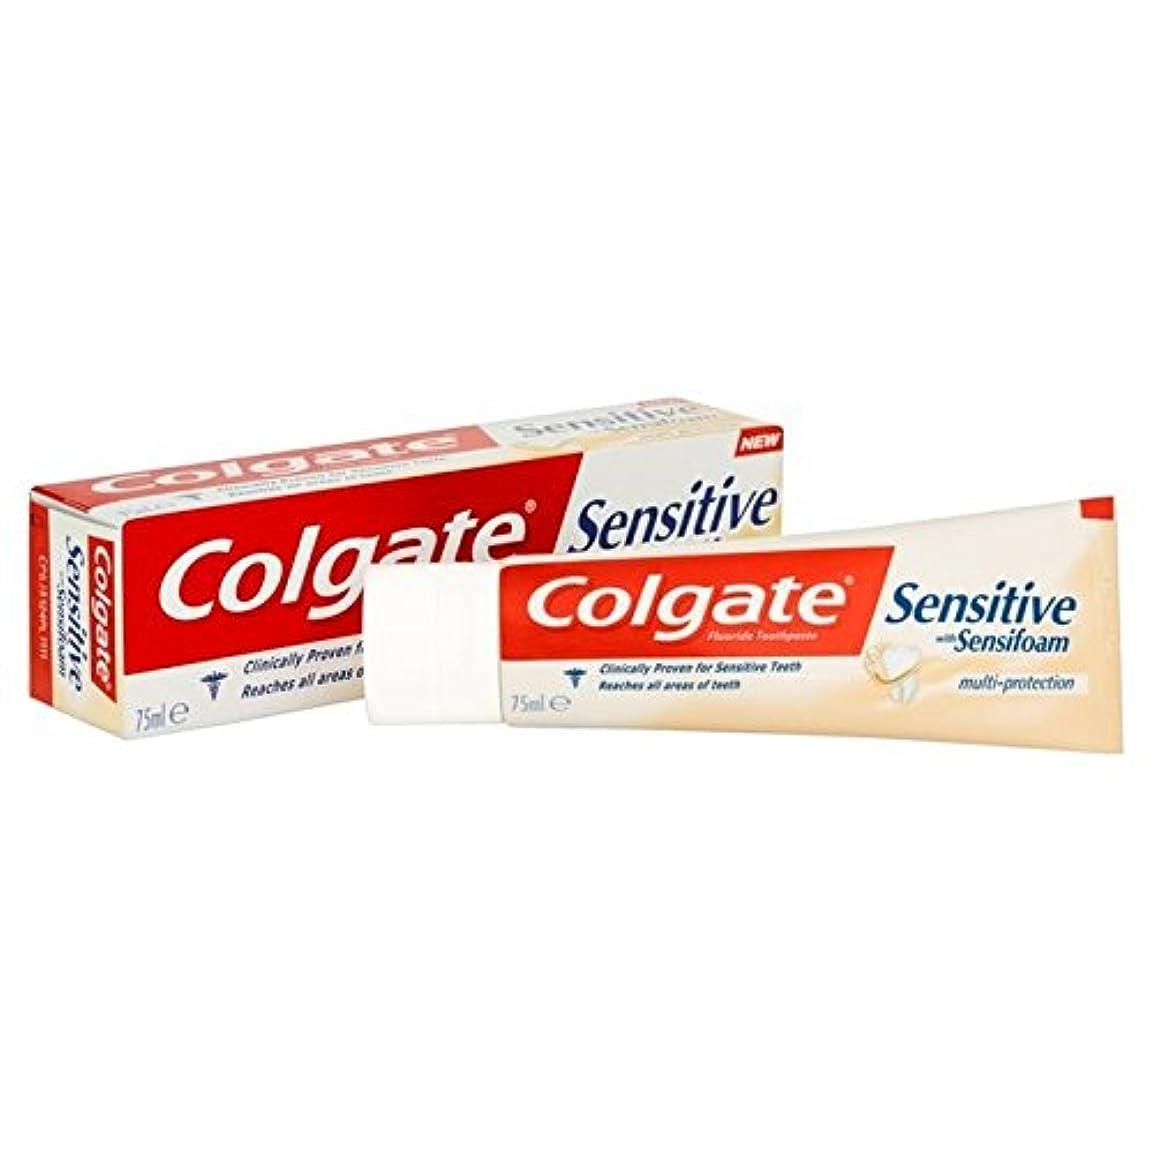 マーティンルーサーキングジュニアケープ用心するColgate Sensitive Foam Multi Protect Toothpaste 75ml (Pack of 6) - コルゲート敏感な泡は、マルチ歯磨き粉75ミリリットルを保護します x6 [並行輸入品]